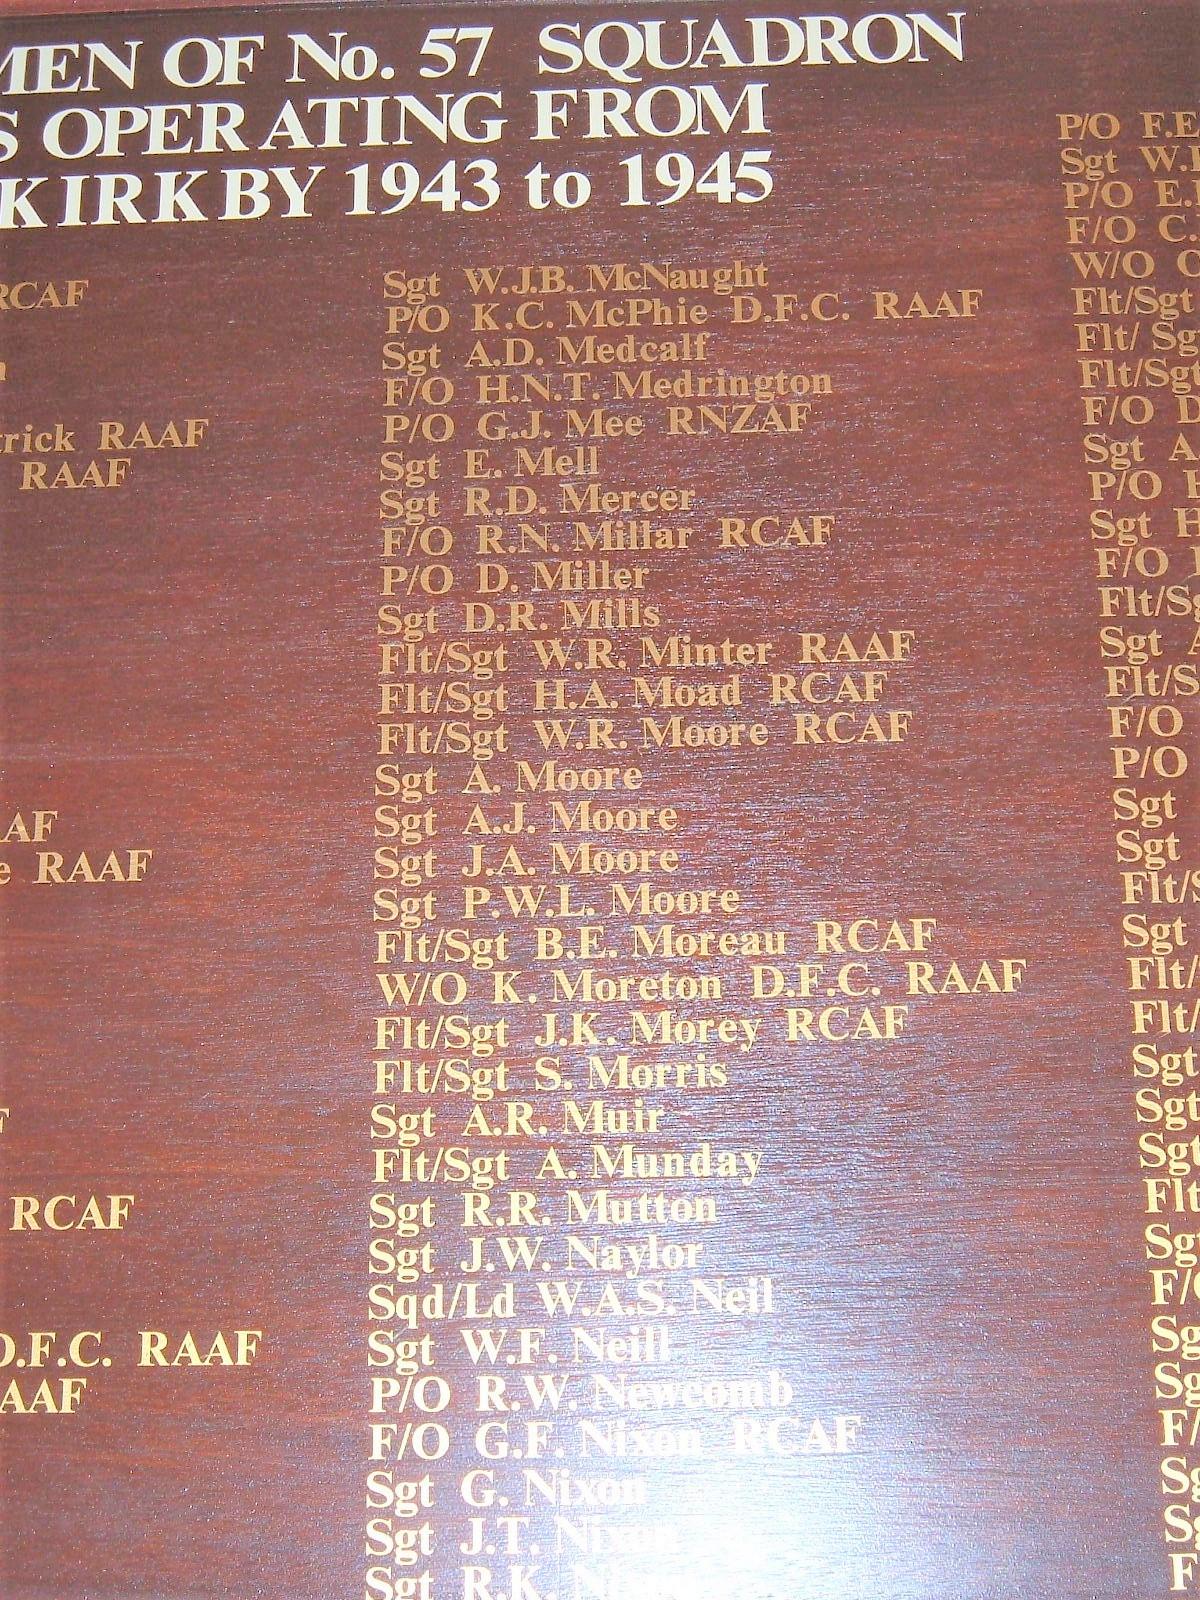 No 57 Squadron Roll of Honour - War Memorials Online